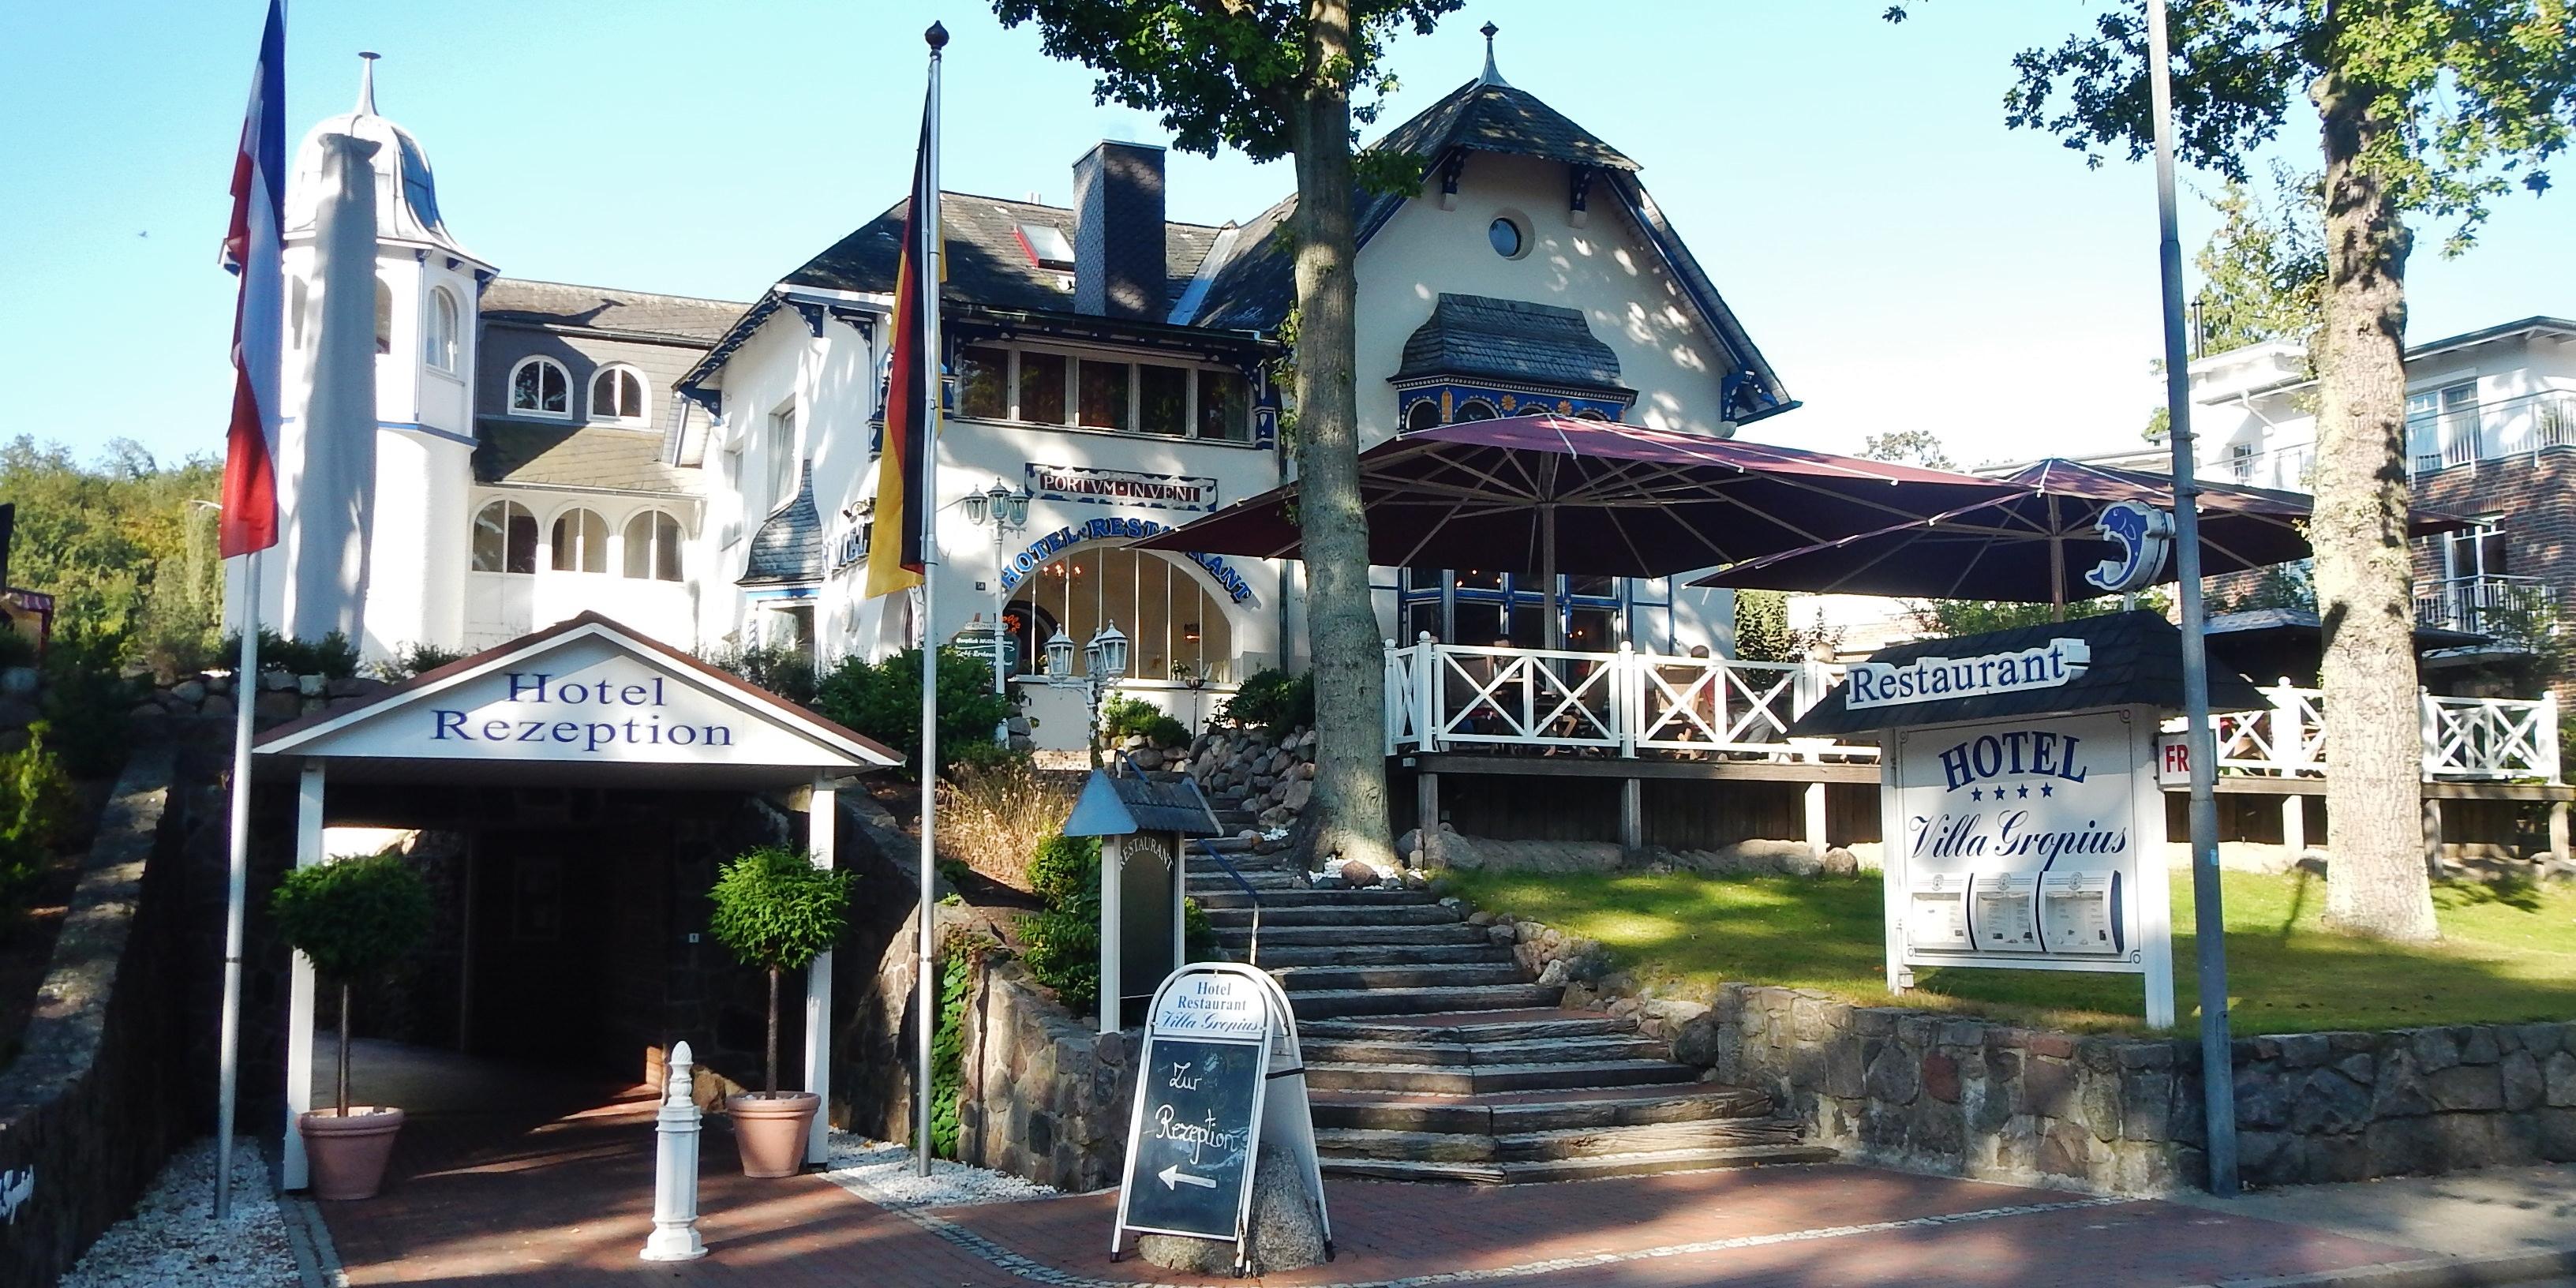 Hotel Villa Gropius Travemunde